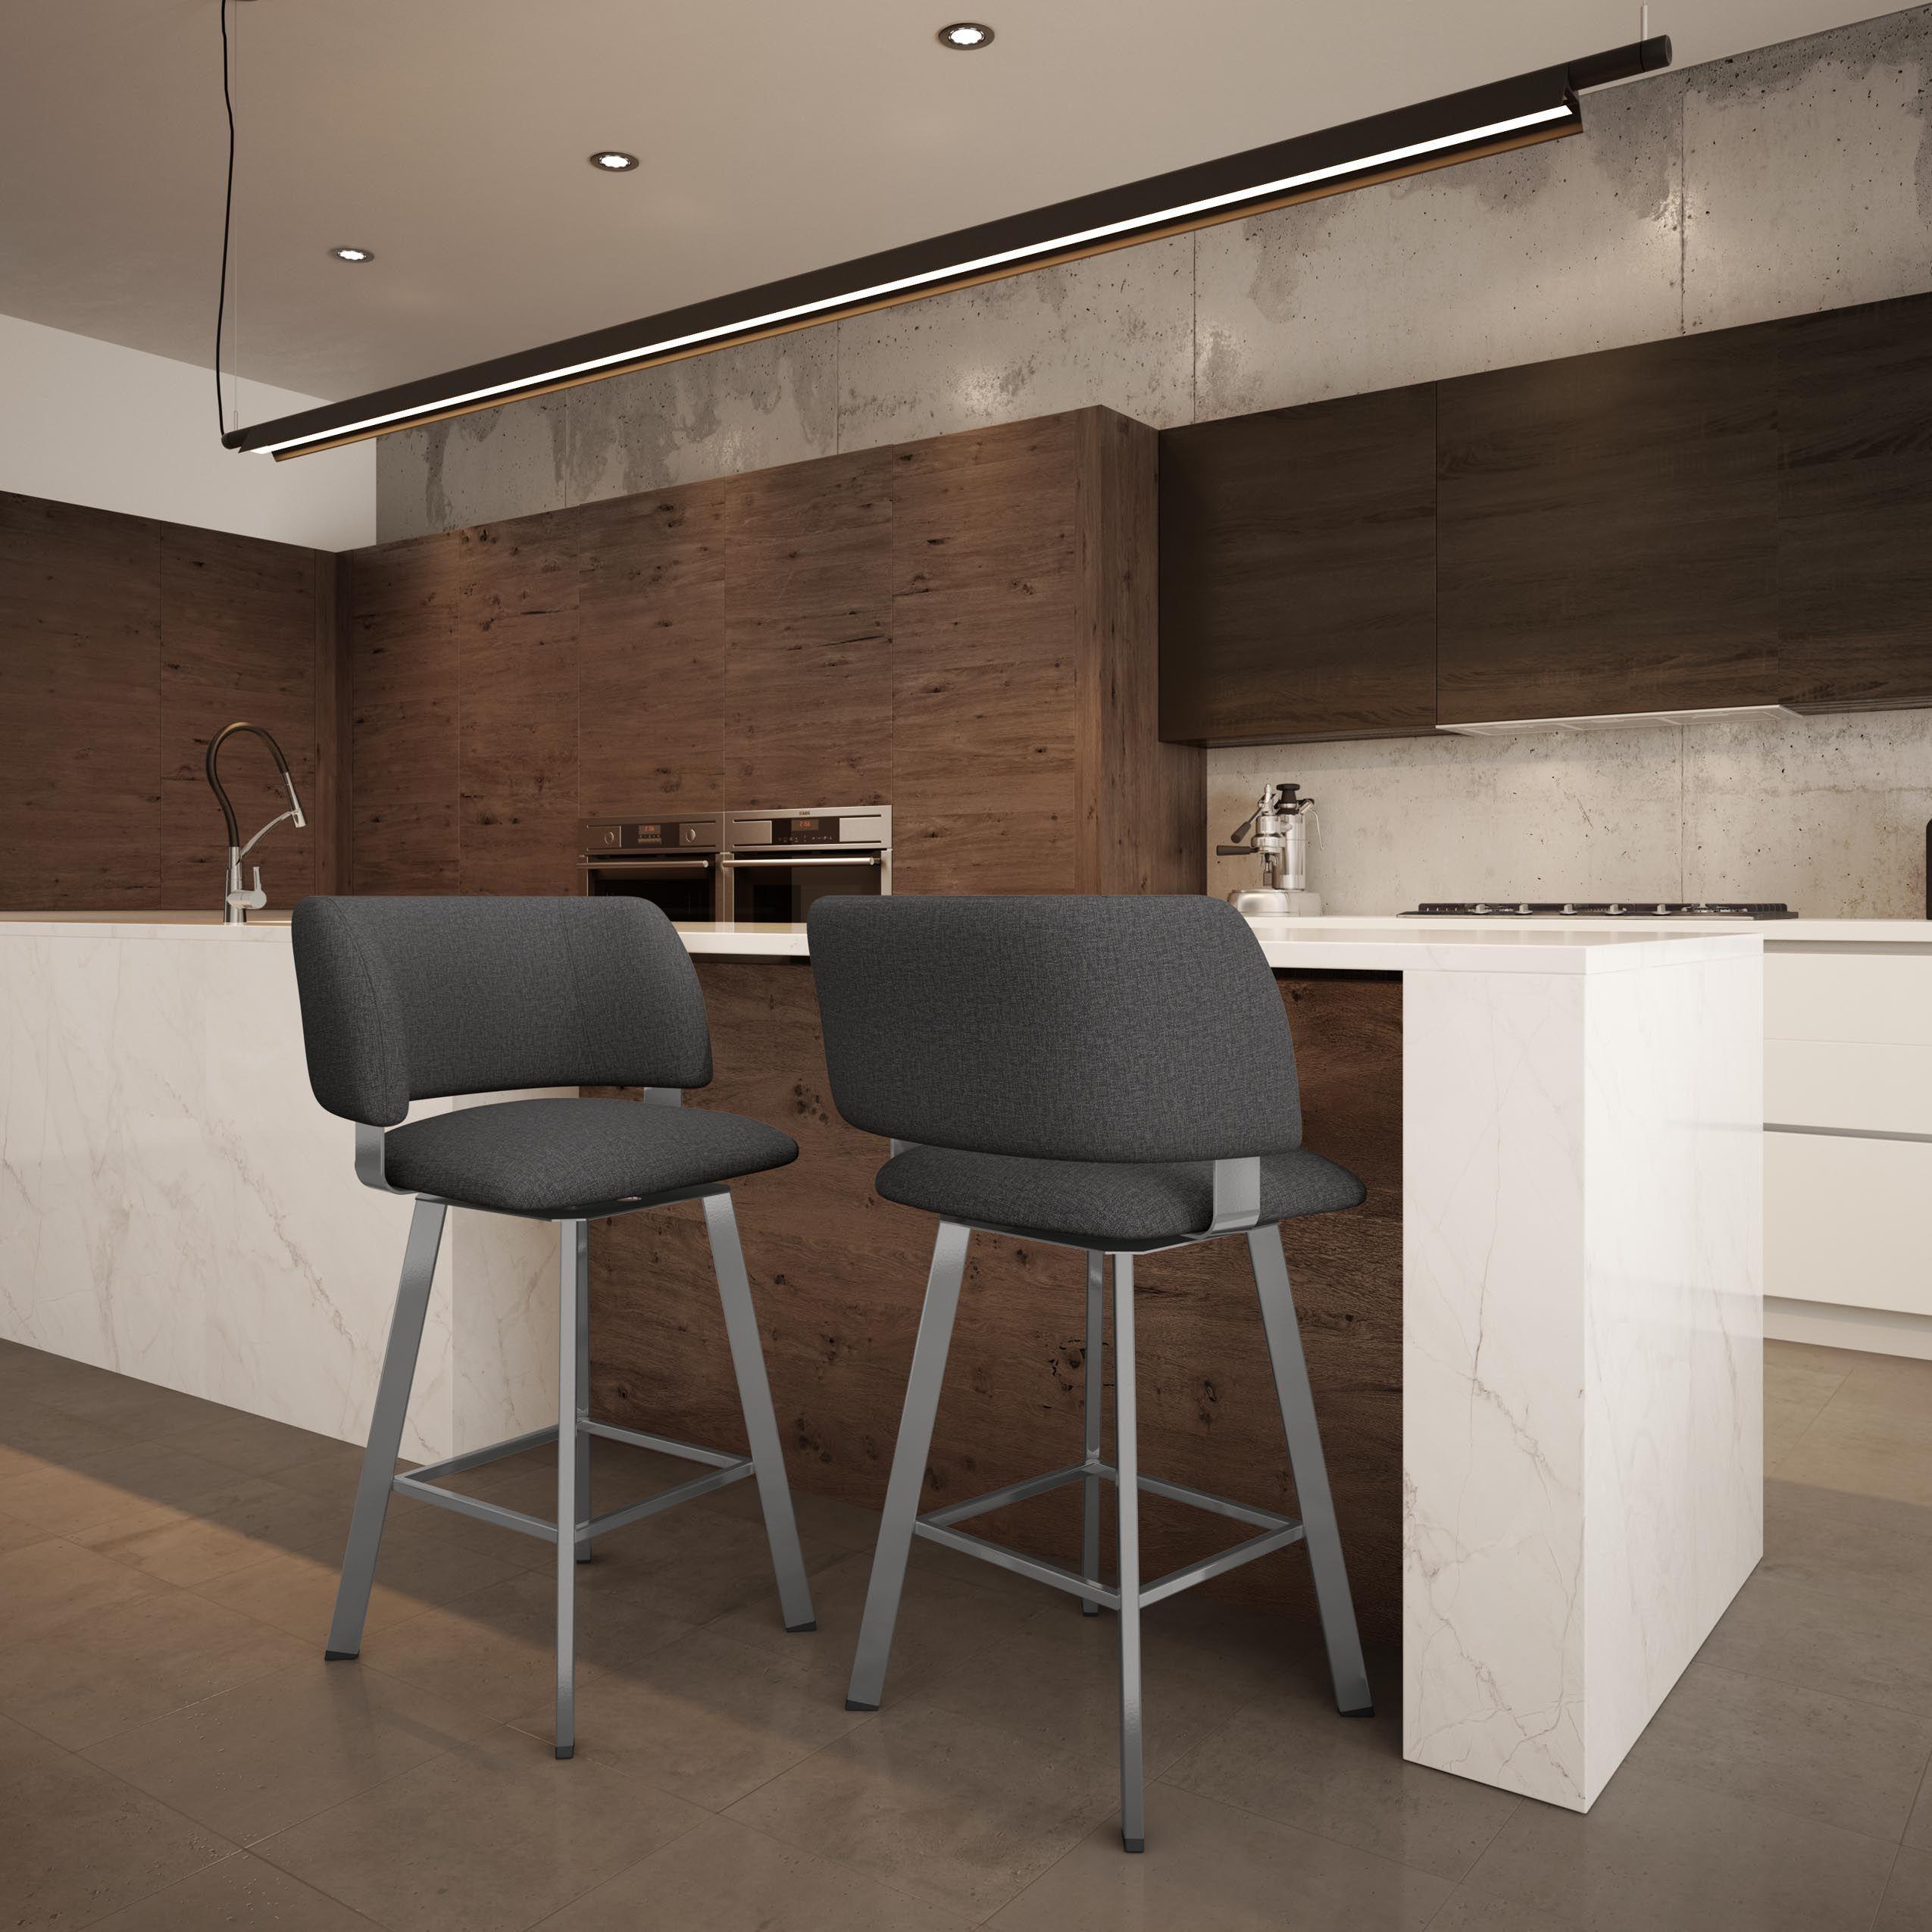 AMISCO   Easton Swivel Stool (41535)   Furniture   Kitchen   Urban  Collection